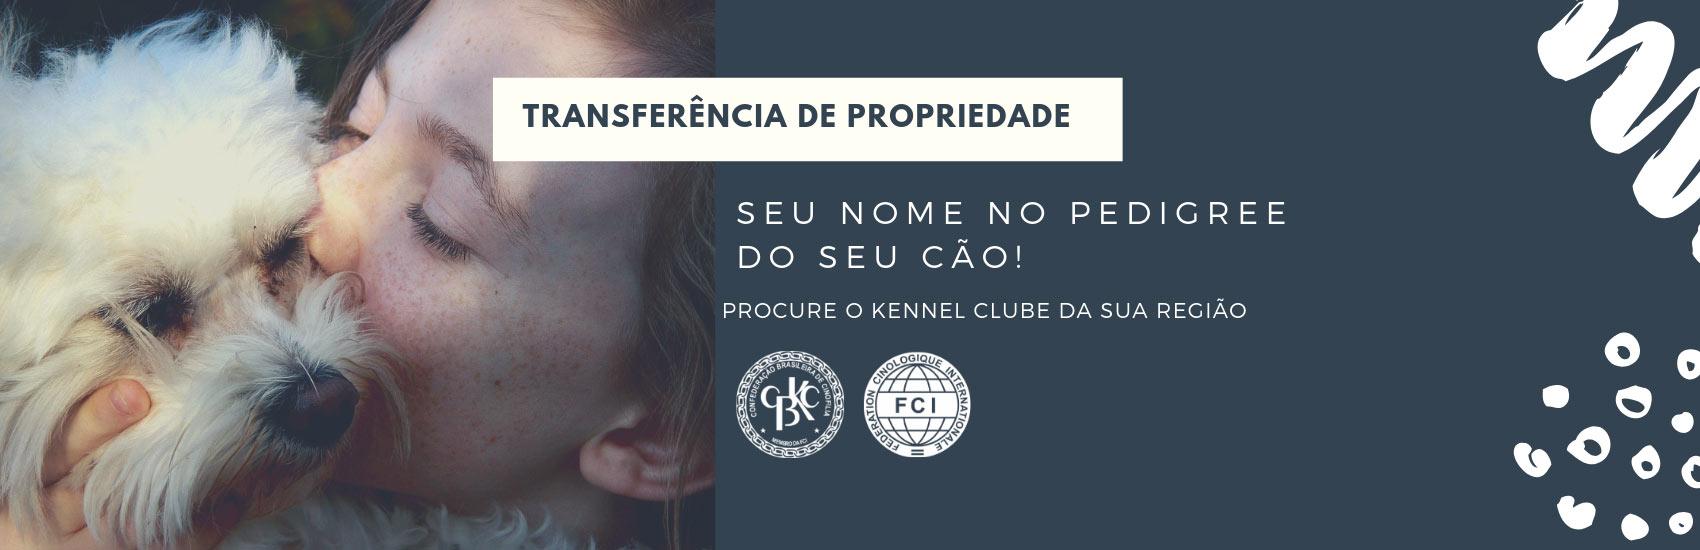 Dicas da CBKC: Tranferência de Propriedade